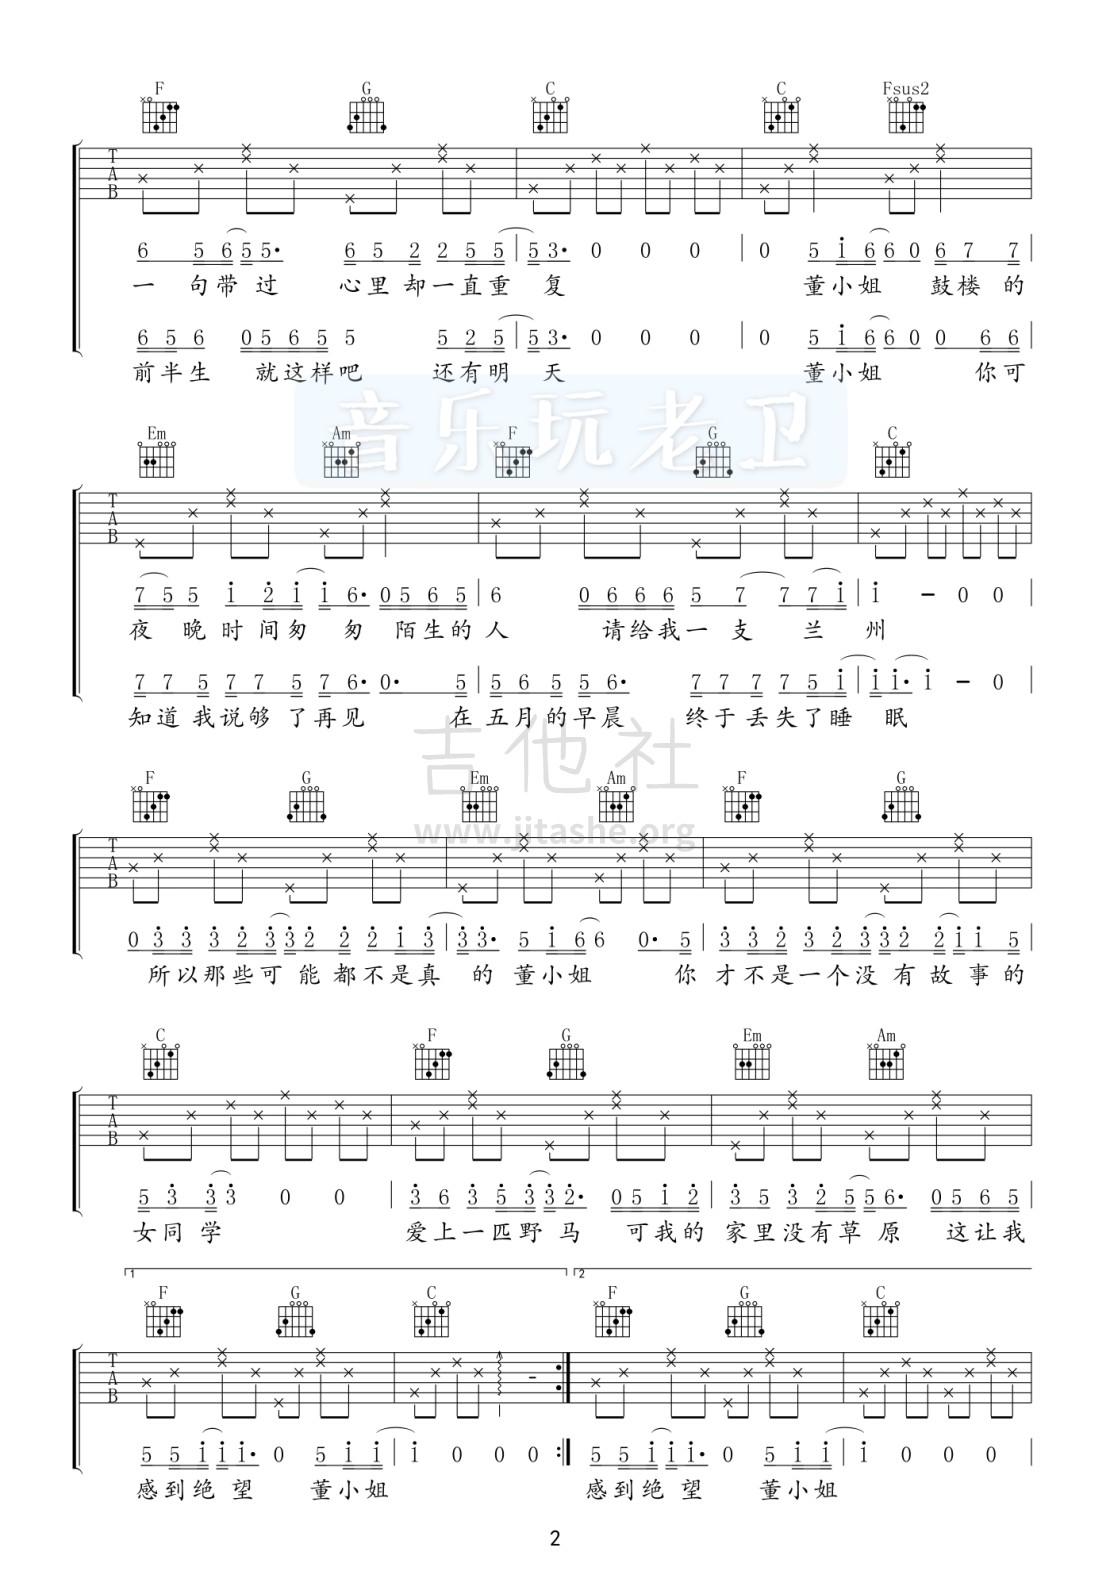 董小姐吉他谱(图片谱,弹唱,初级版,C调)_宋冬野_董小姐2